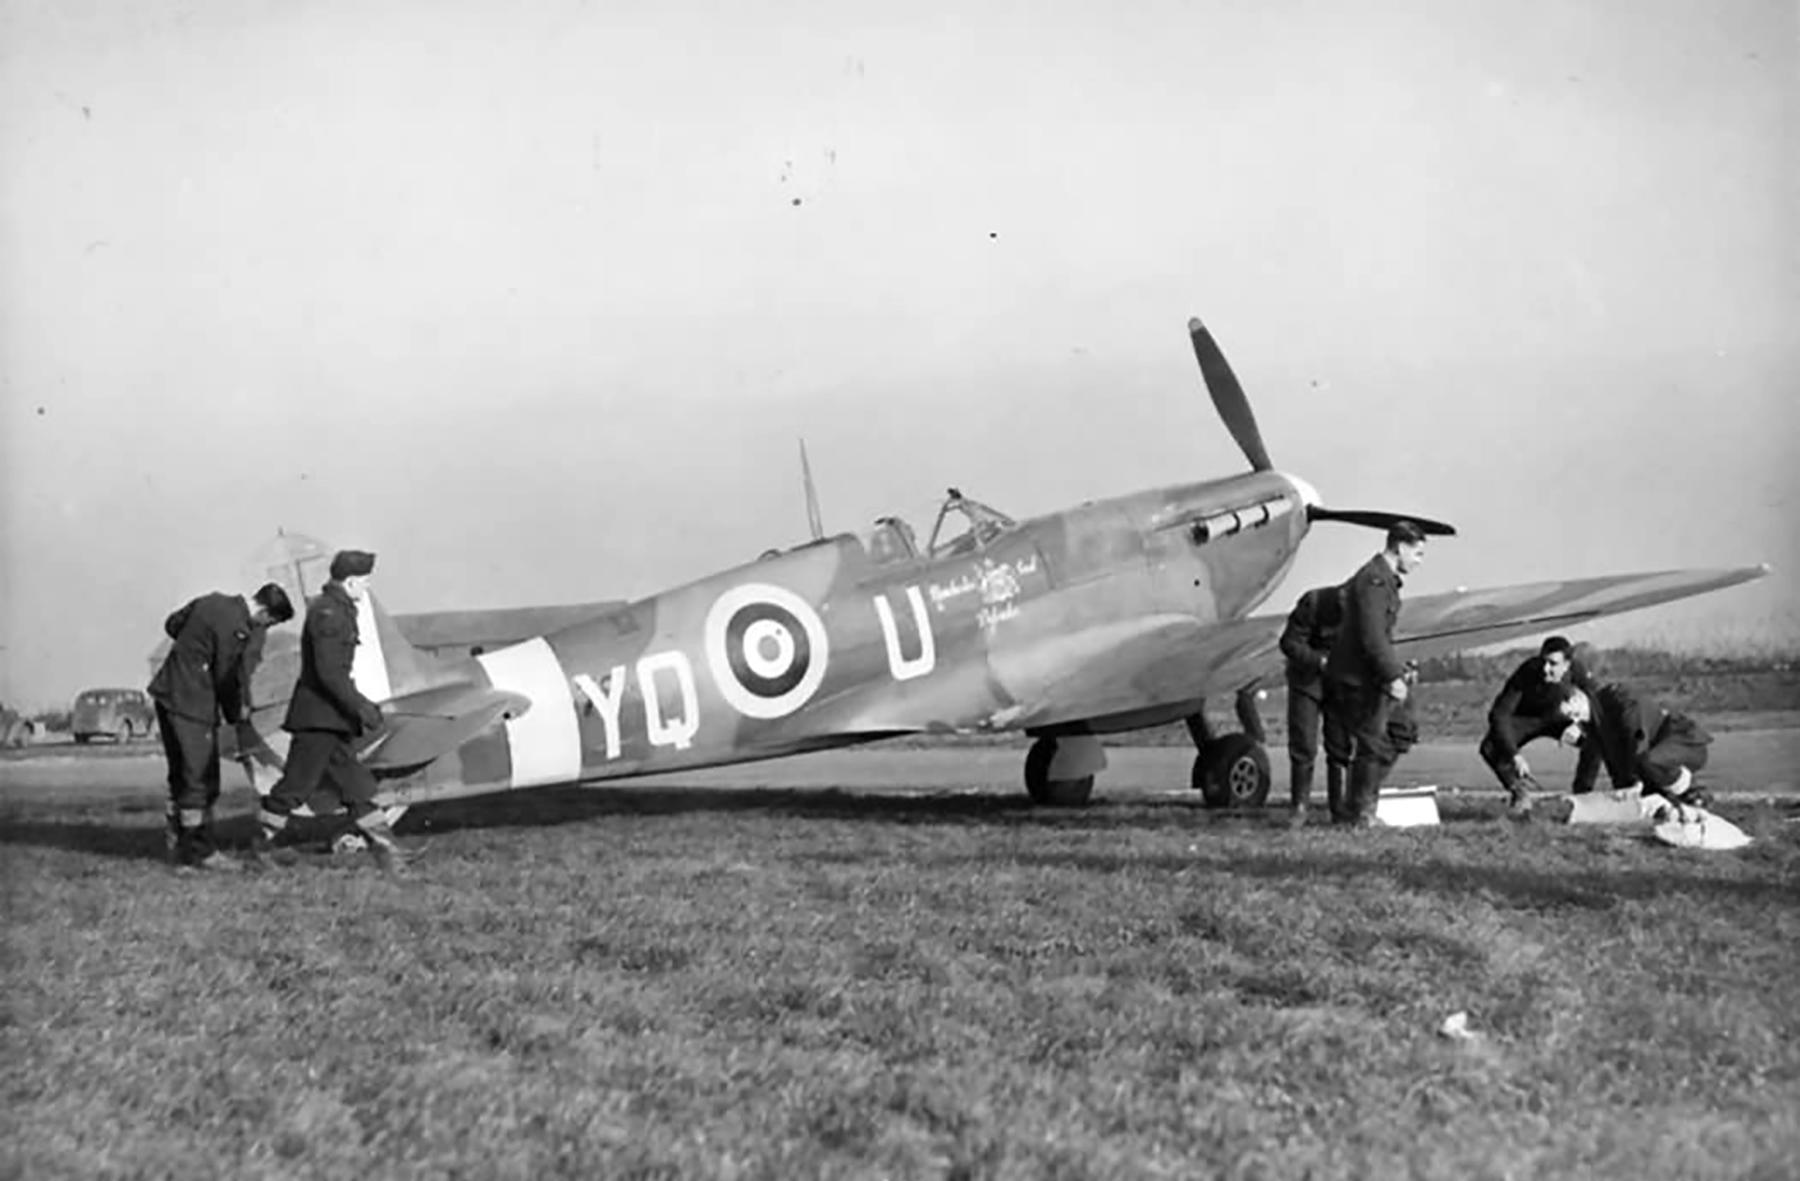 Spitfire Vb RAF 616Sqn AA879 Manchester Civil Defender Kirton in Lindsey Dec 1941 web 01